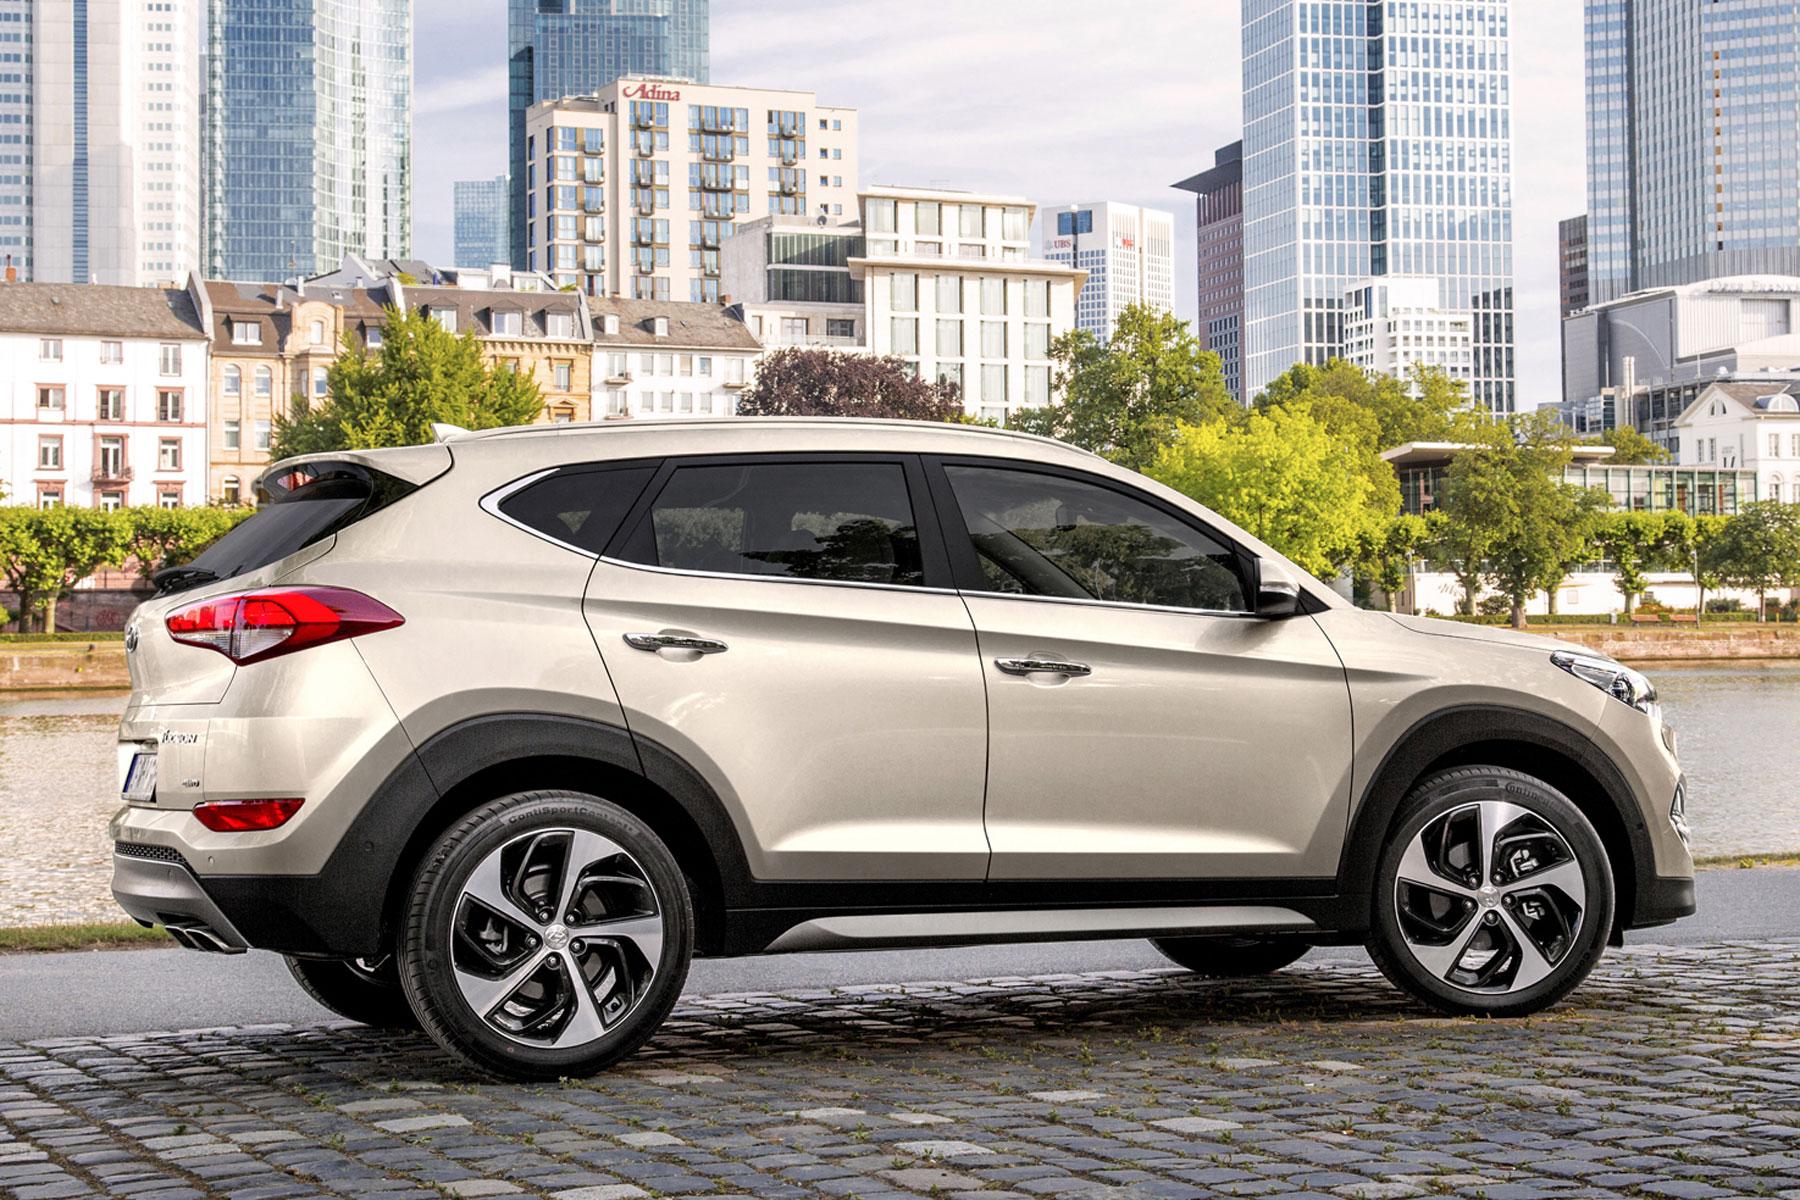 Hyundai Tucson: Verdict